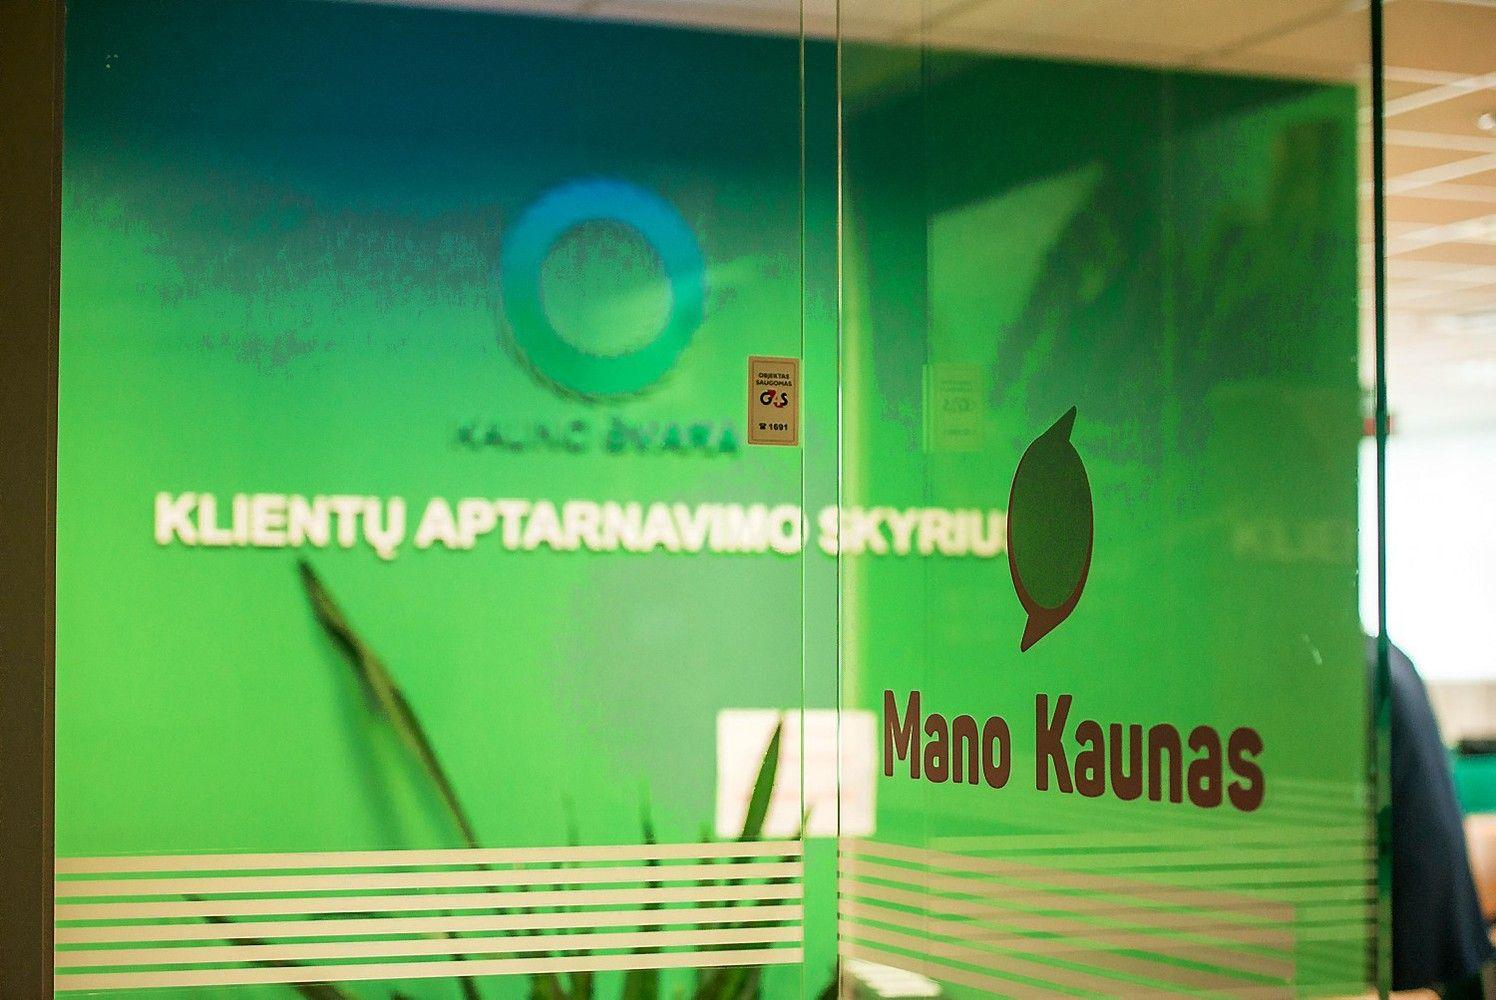 Kauno savivaldybė ieško aptarnavimo centro vadovo